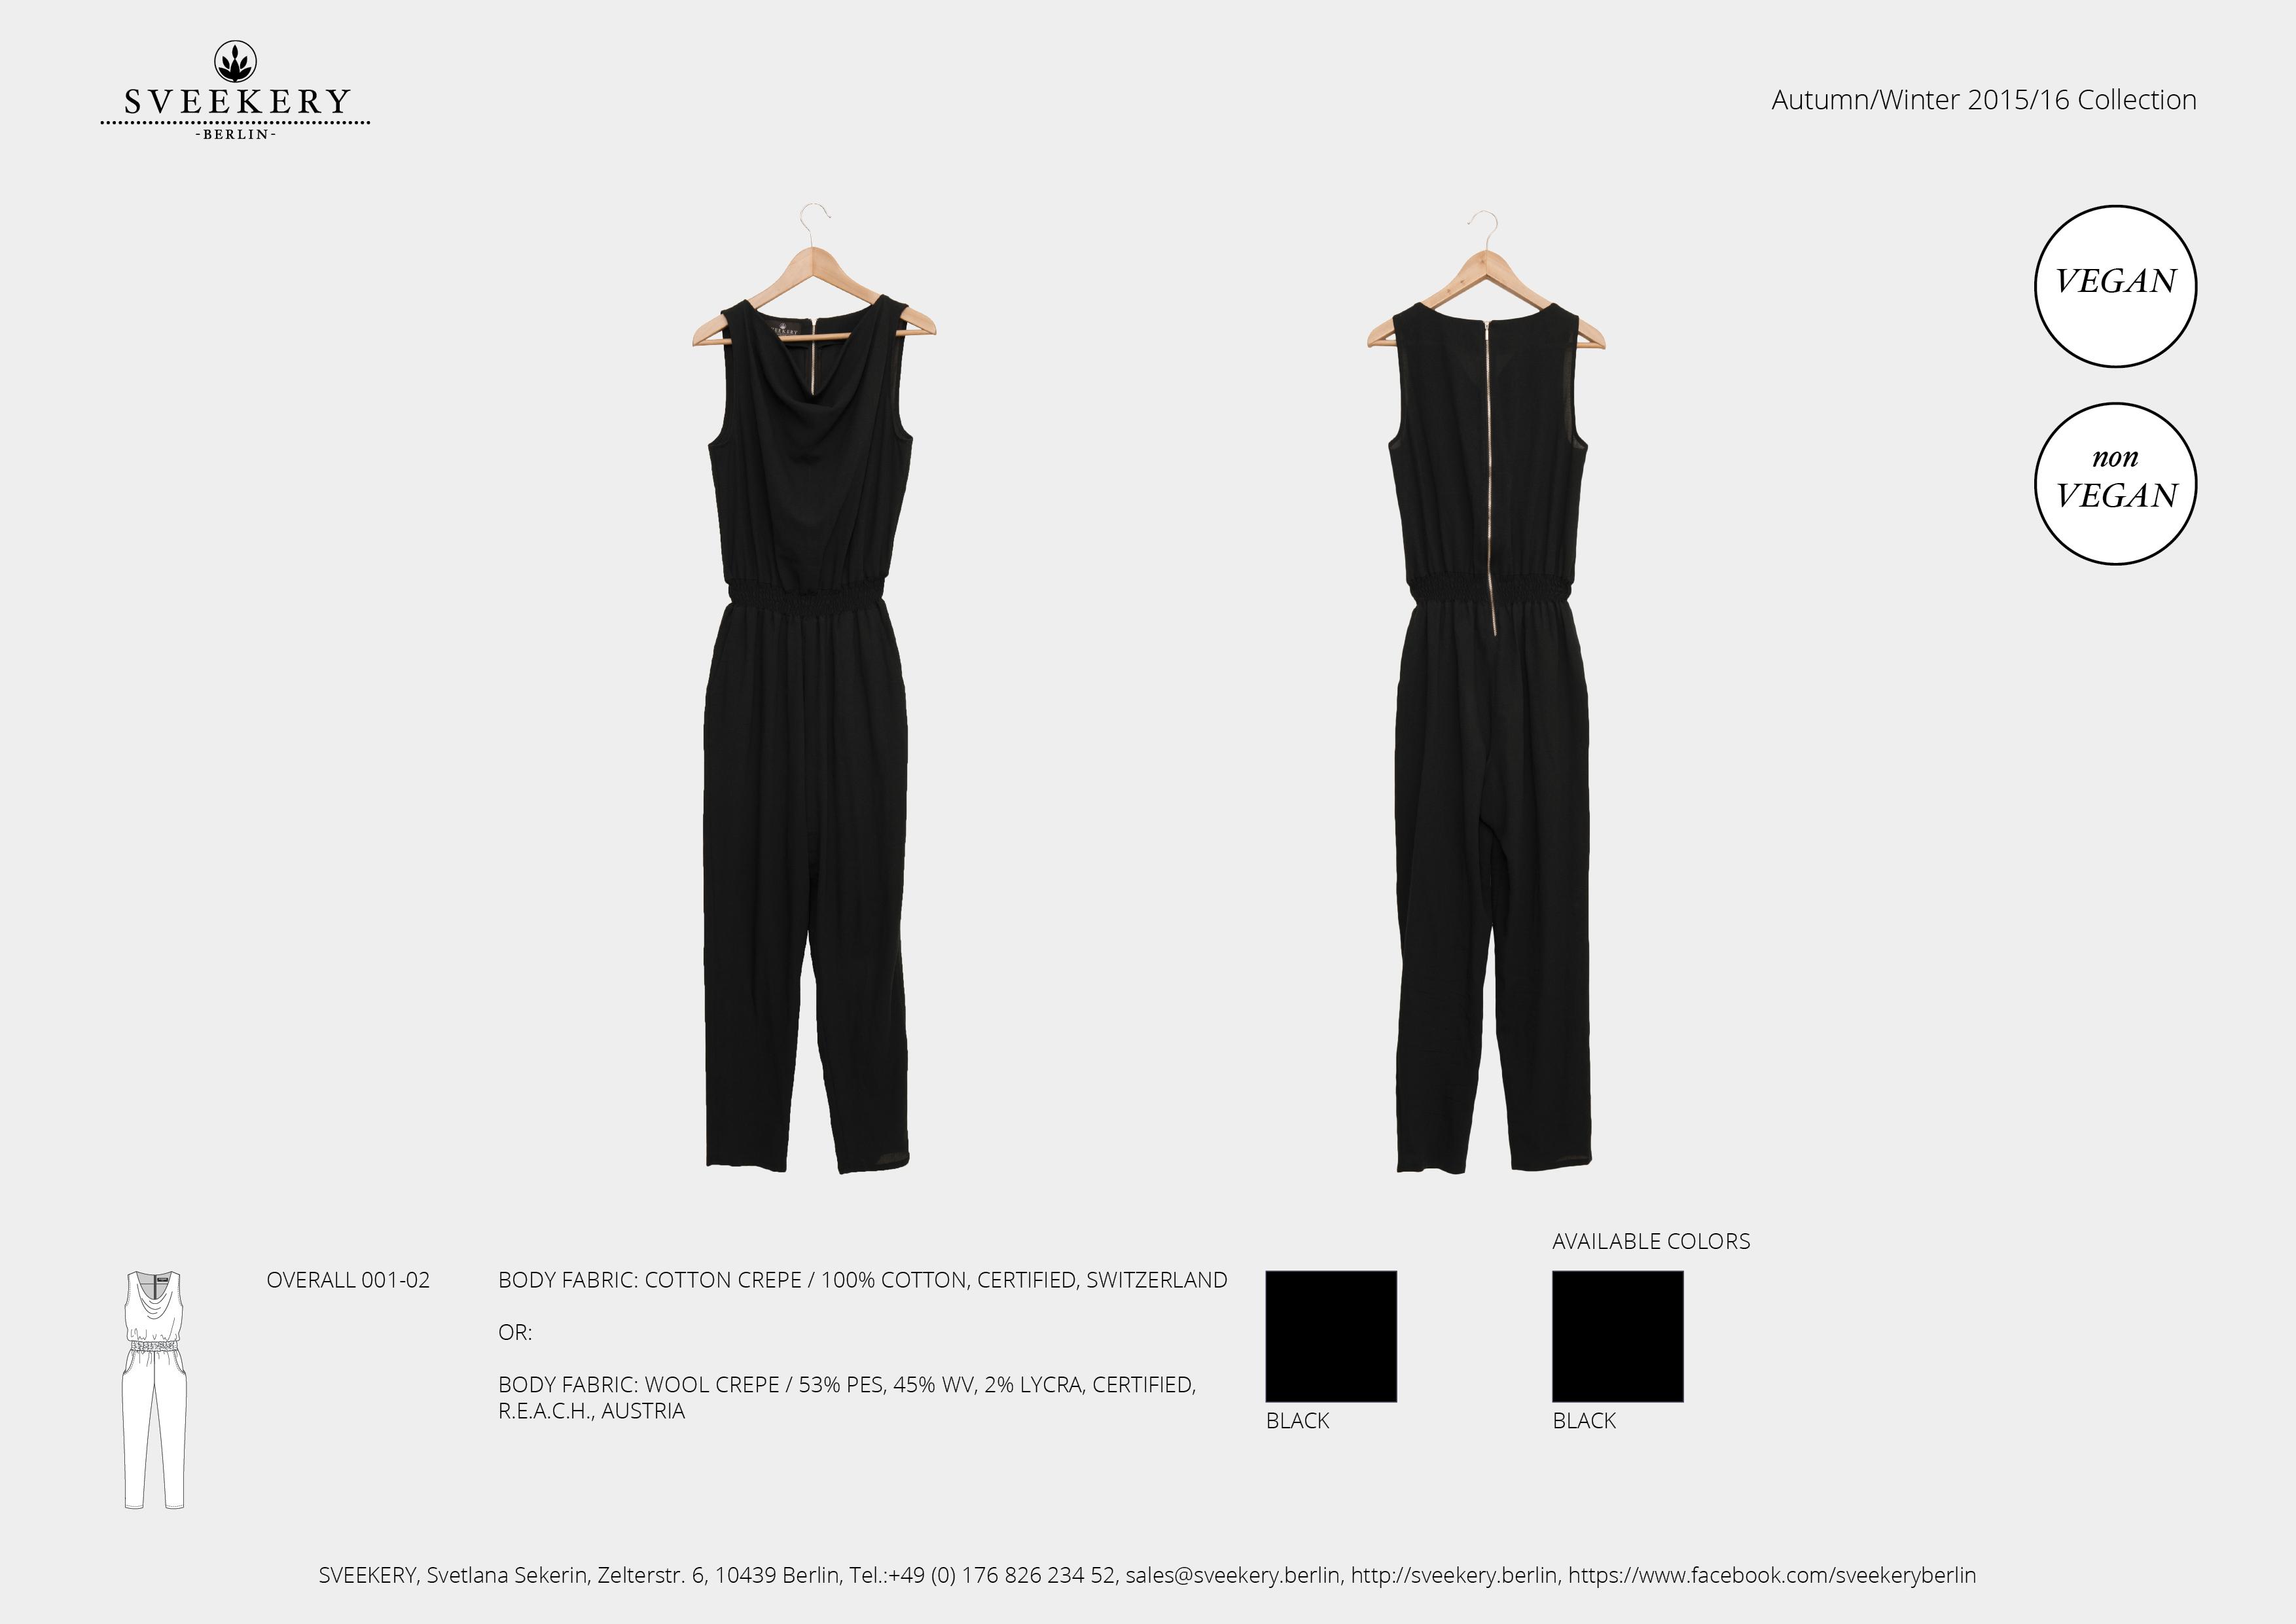 SVEEKERY Overall 001-02 in schwarz mit Metall-Reißverschluss im Rücken